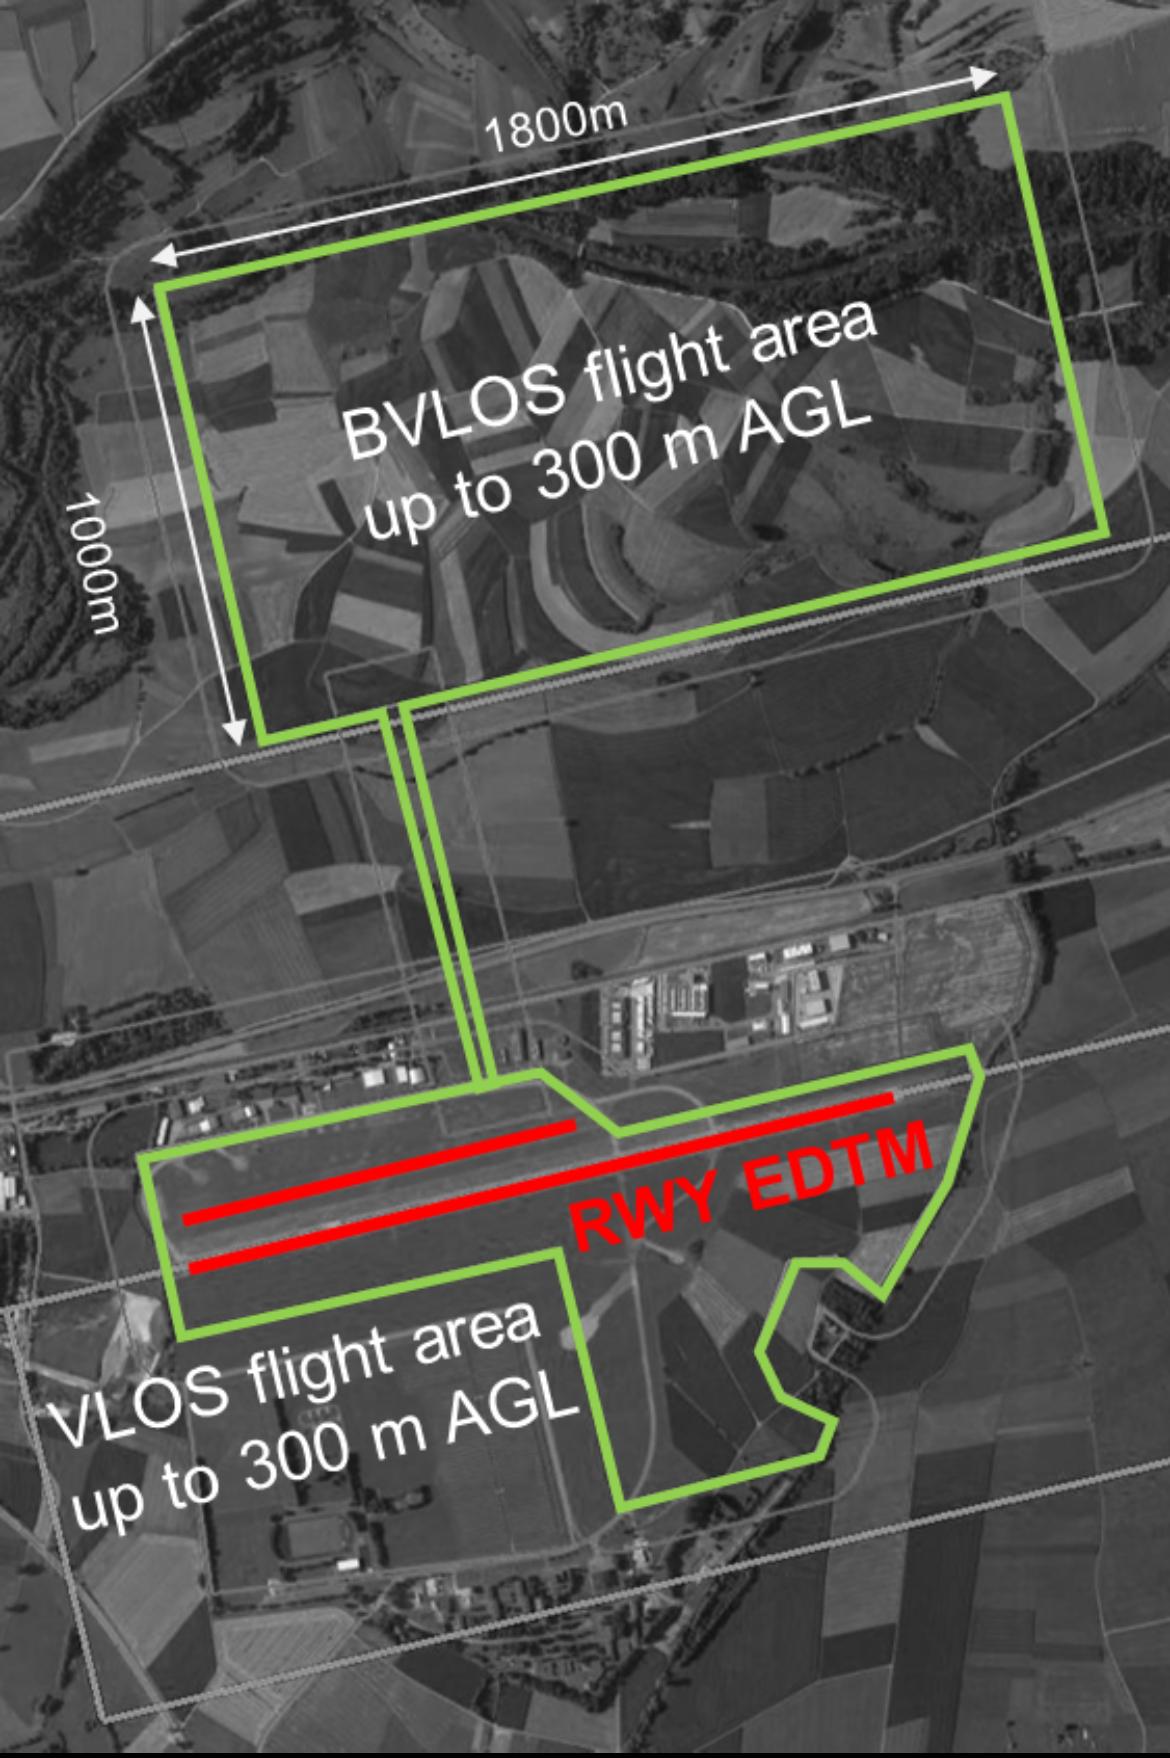 Geplante VLOS and BVLOS Betriebszonen in EDTM